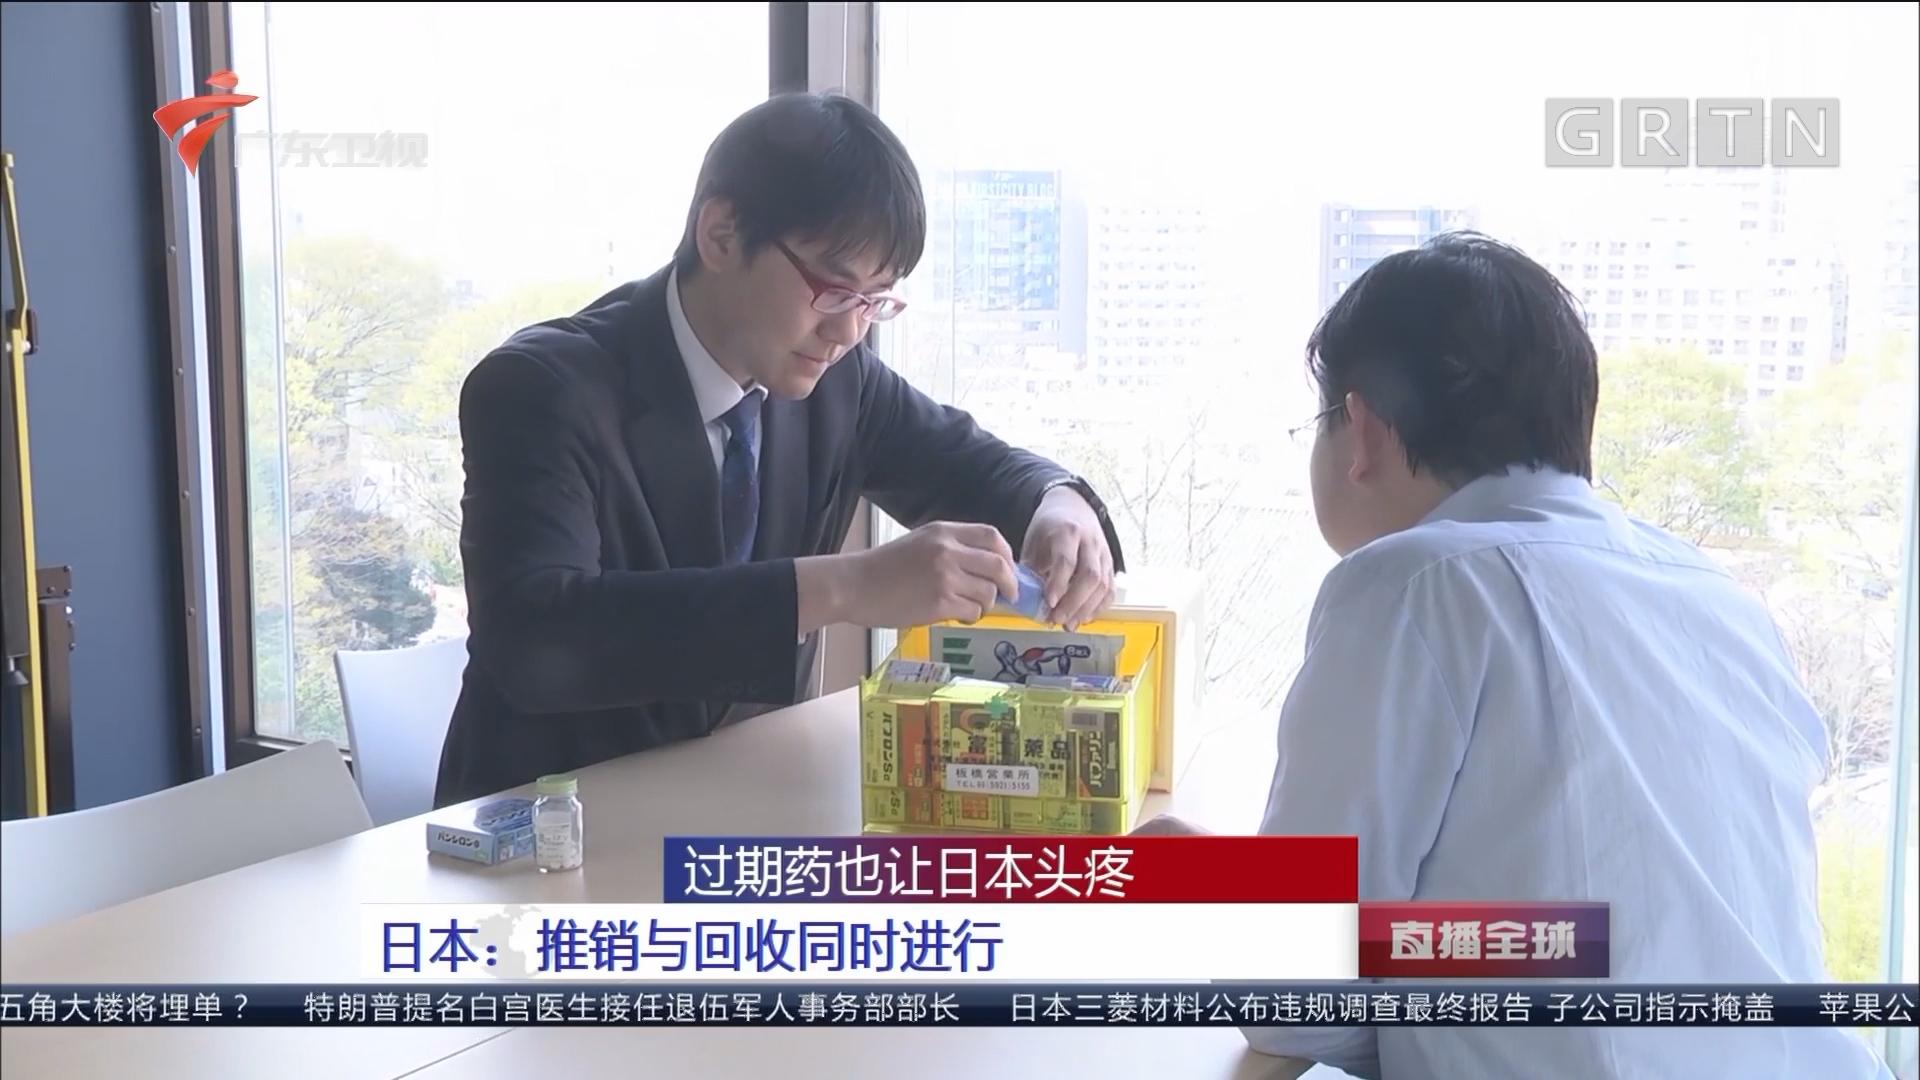 过期药也让日本头疼 网上公然销售过期药 法律监管灰色地带